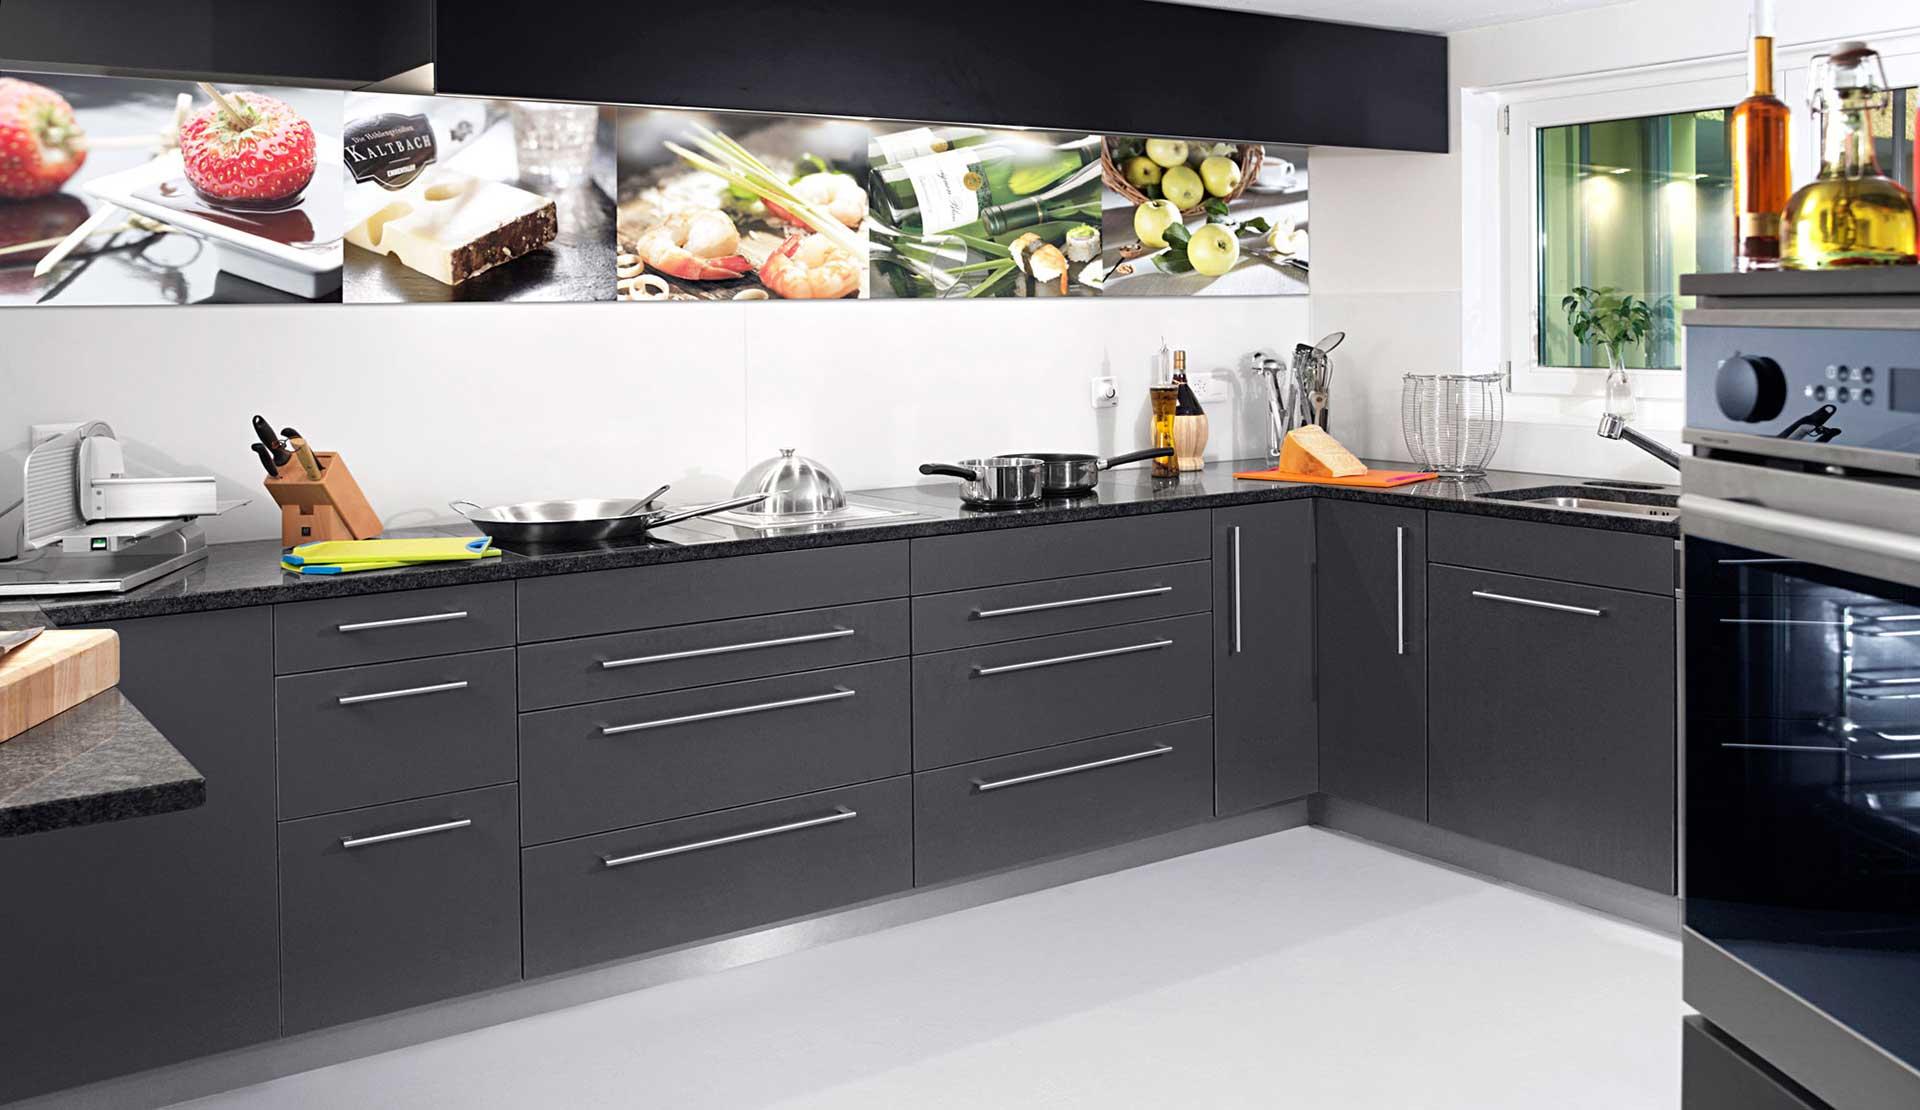 Fotostudio mit Küche für Foodstyling